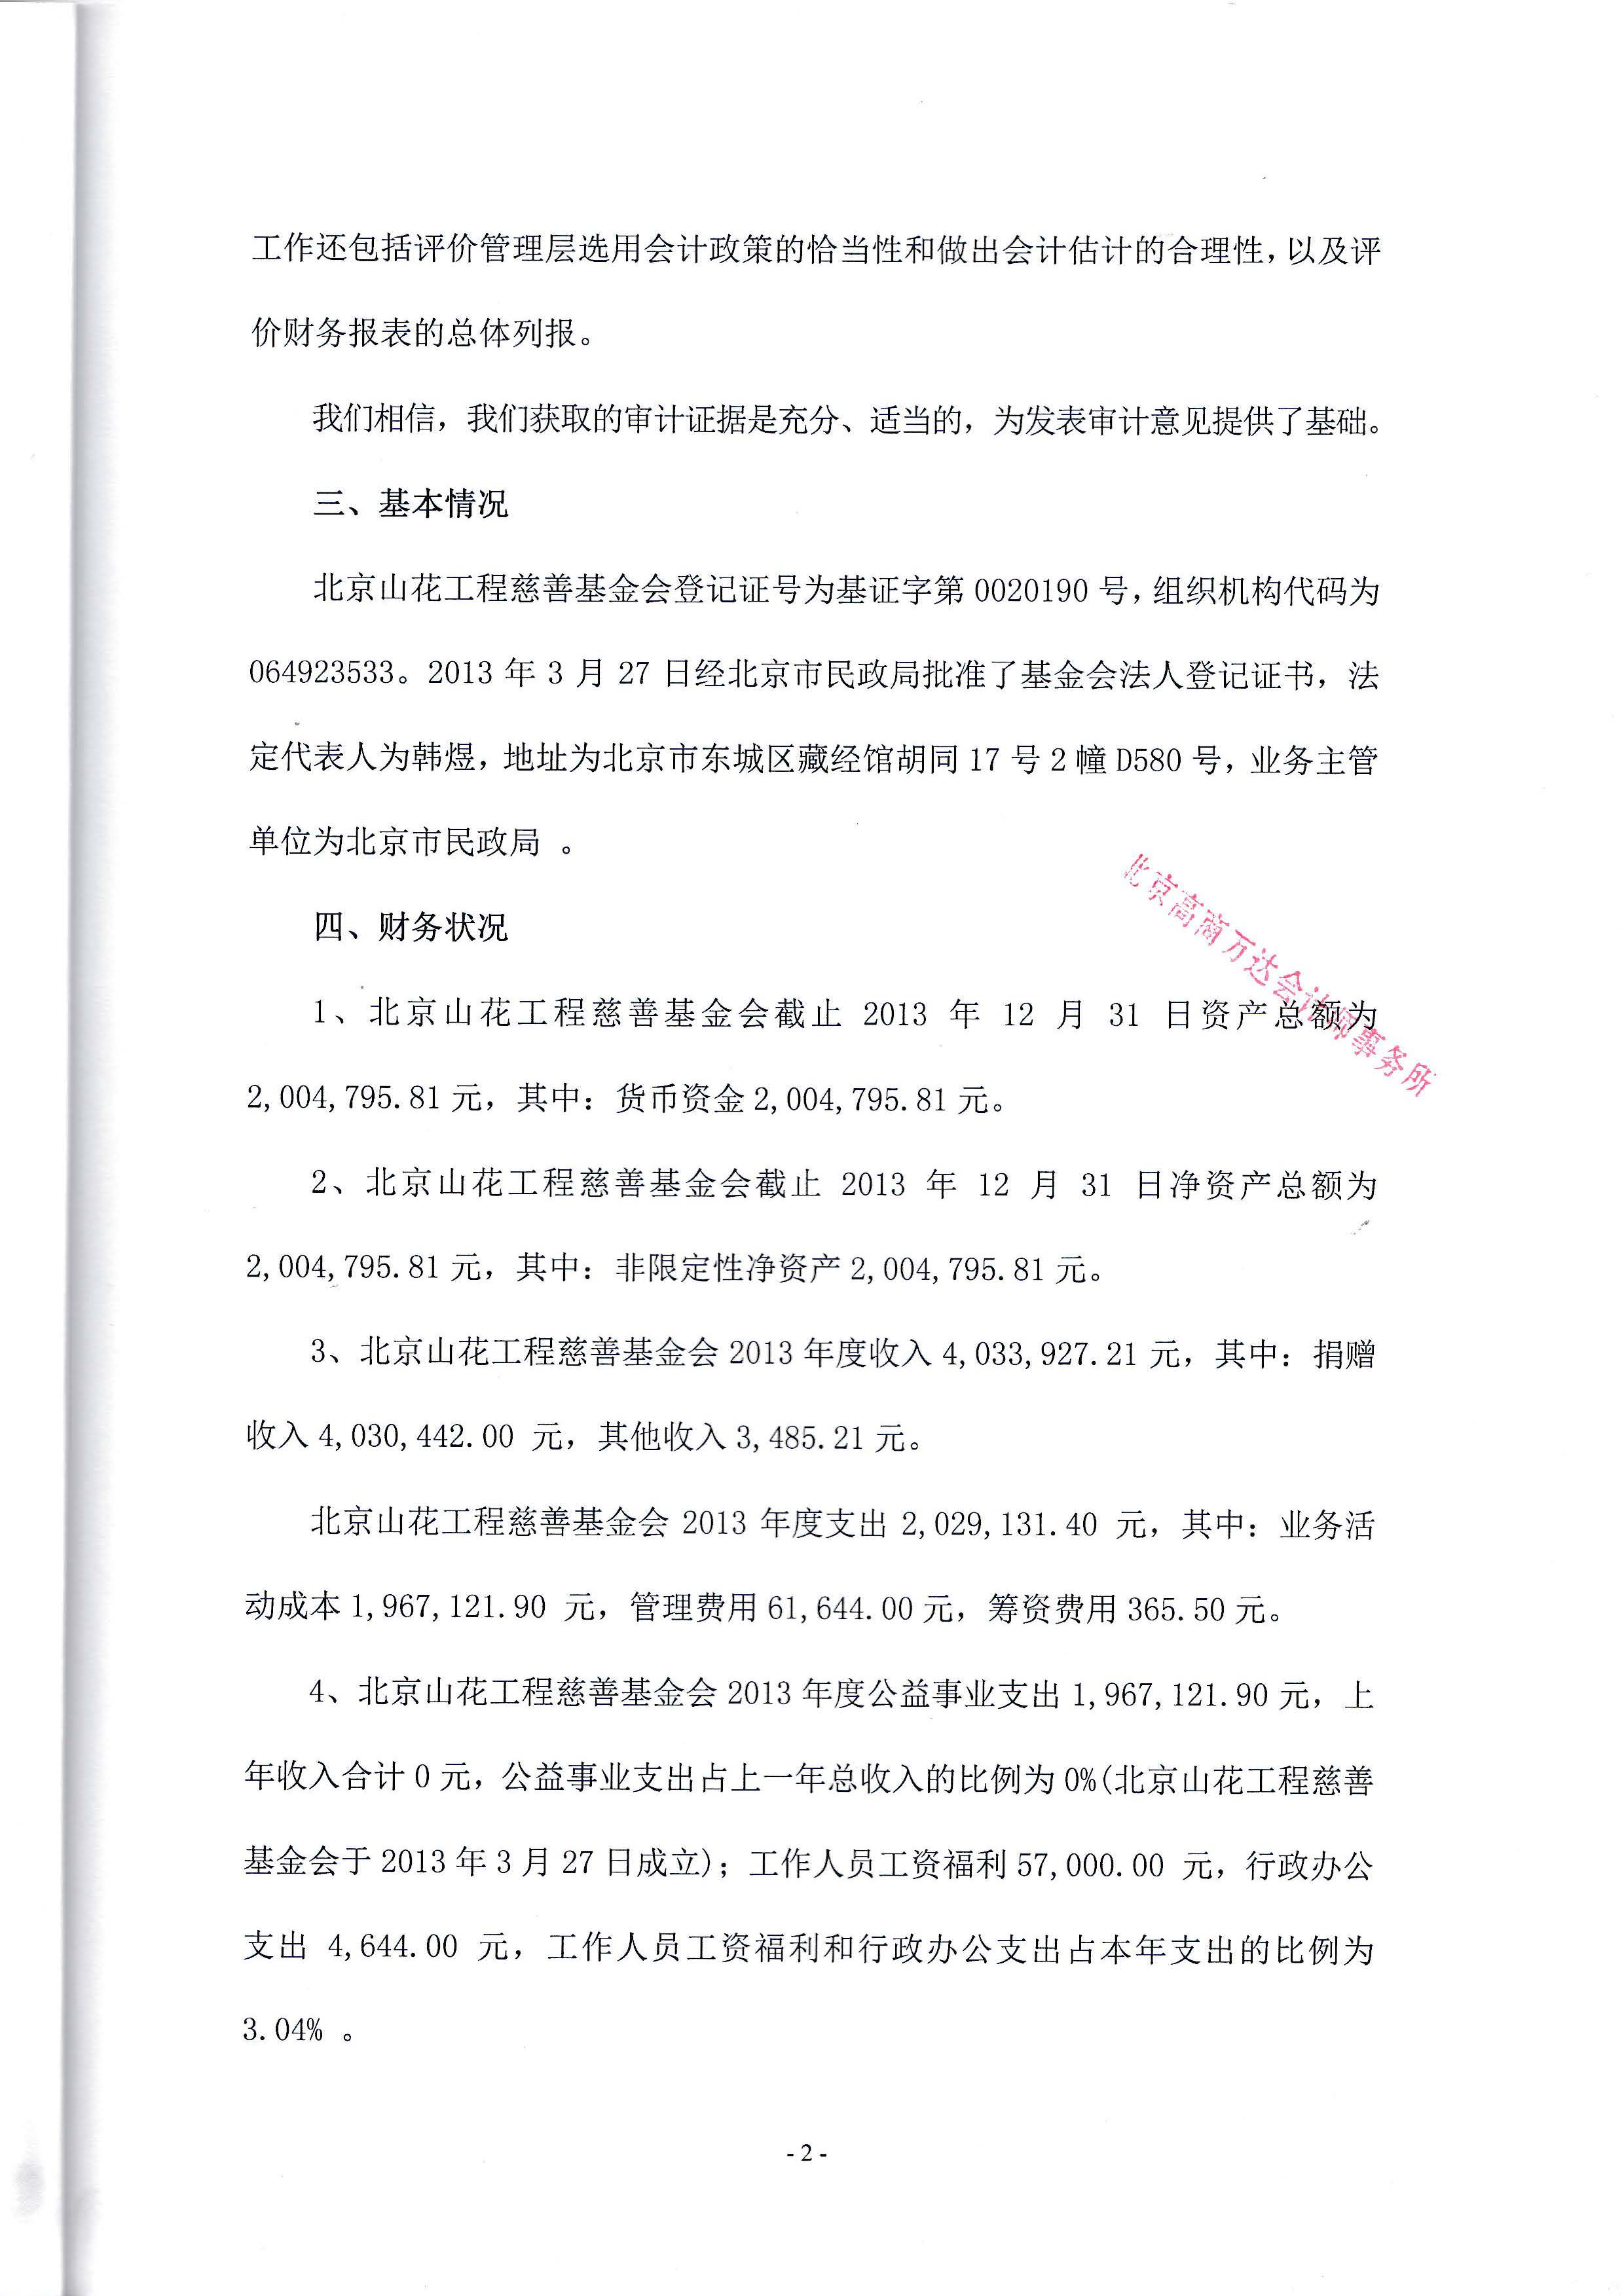 2013审计报告_页面_05